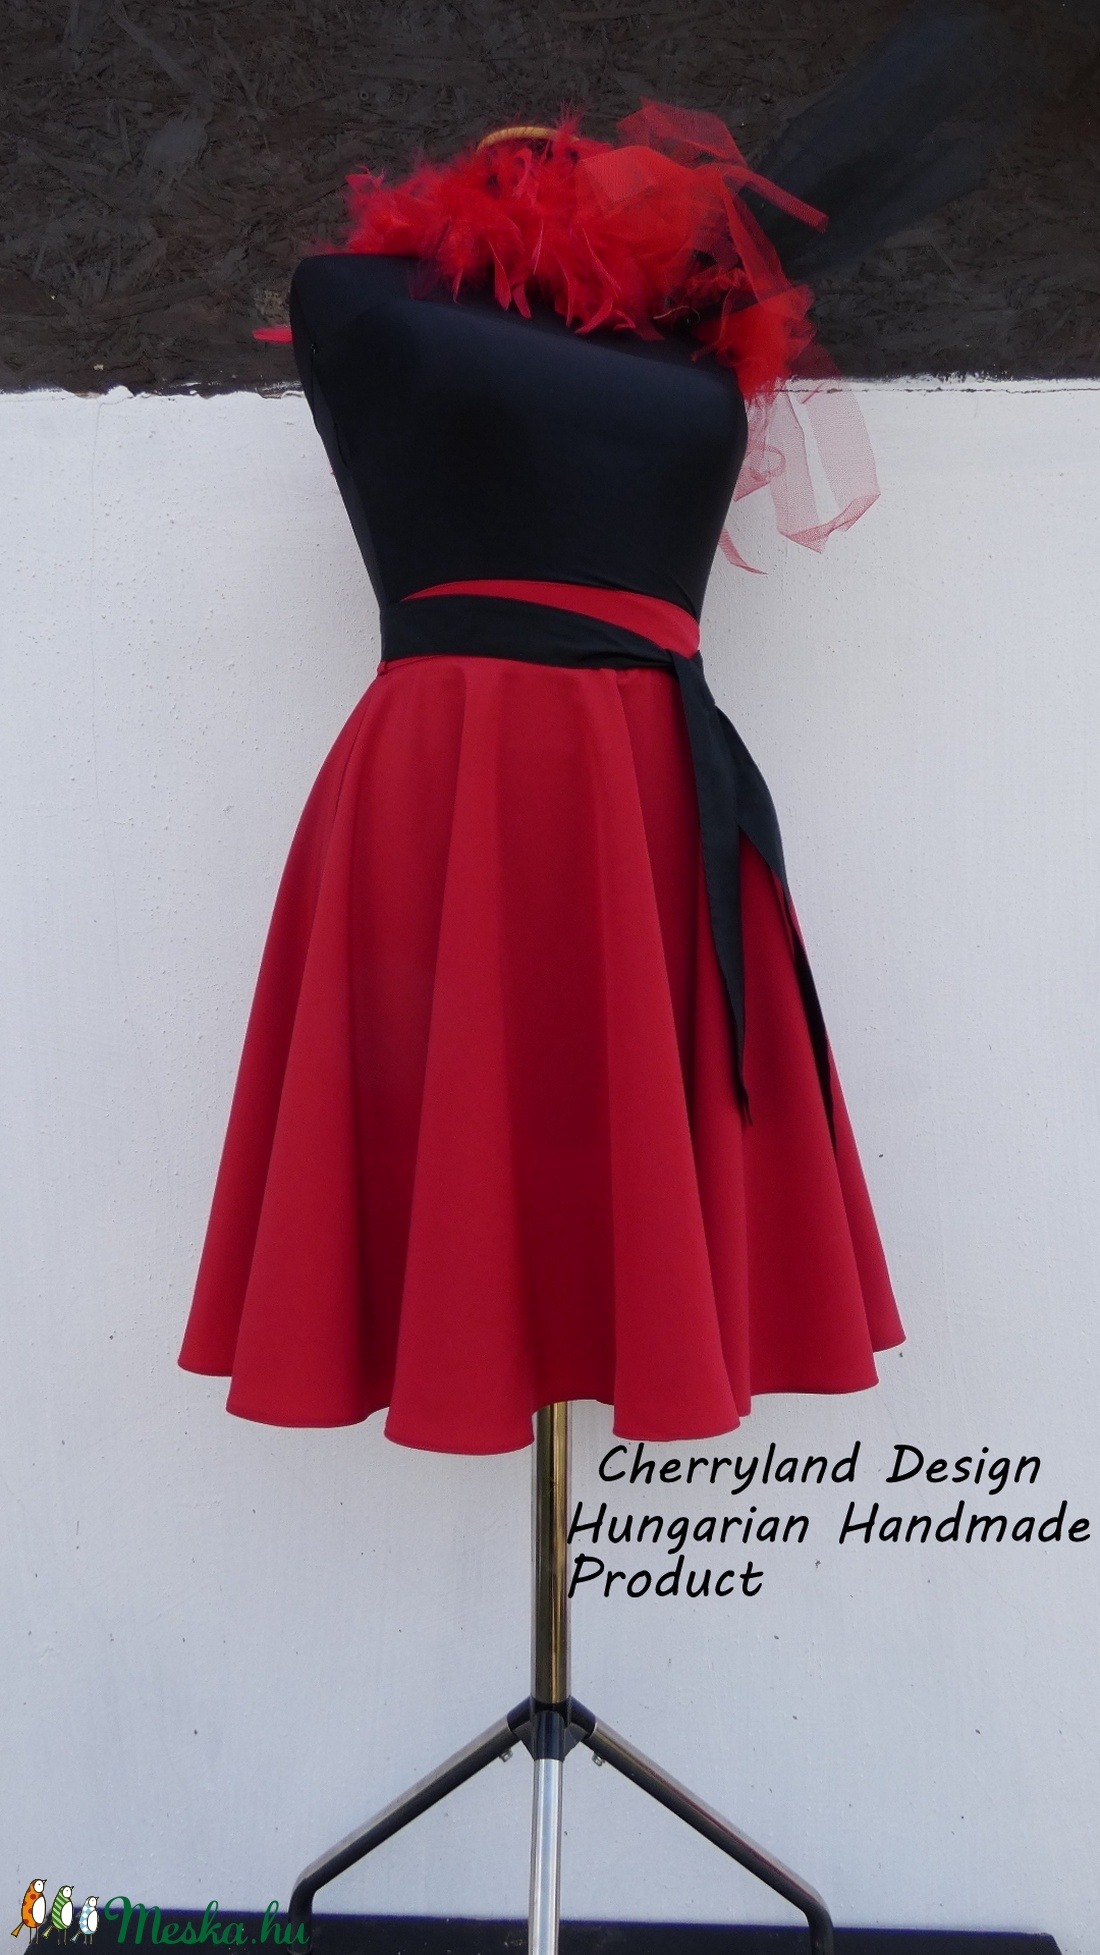 Cherryland Design Piros Nehézselyem  Rockabilly stílusú szoknya  - ruha & divat - női ruha - szoknya - Meska.hu